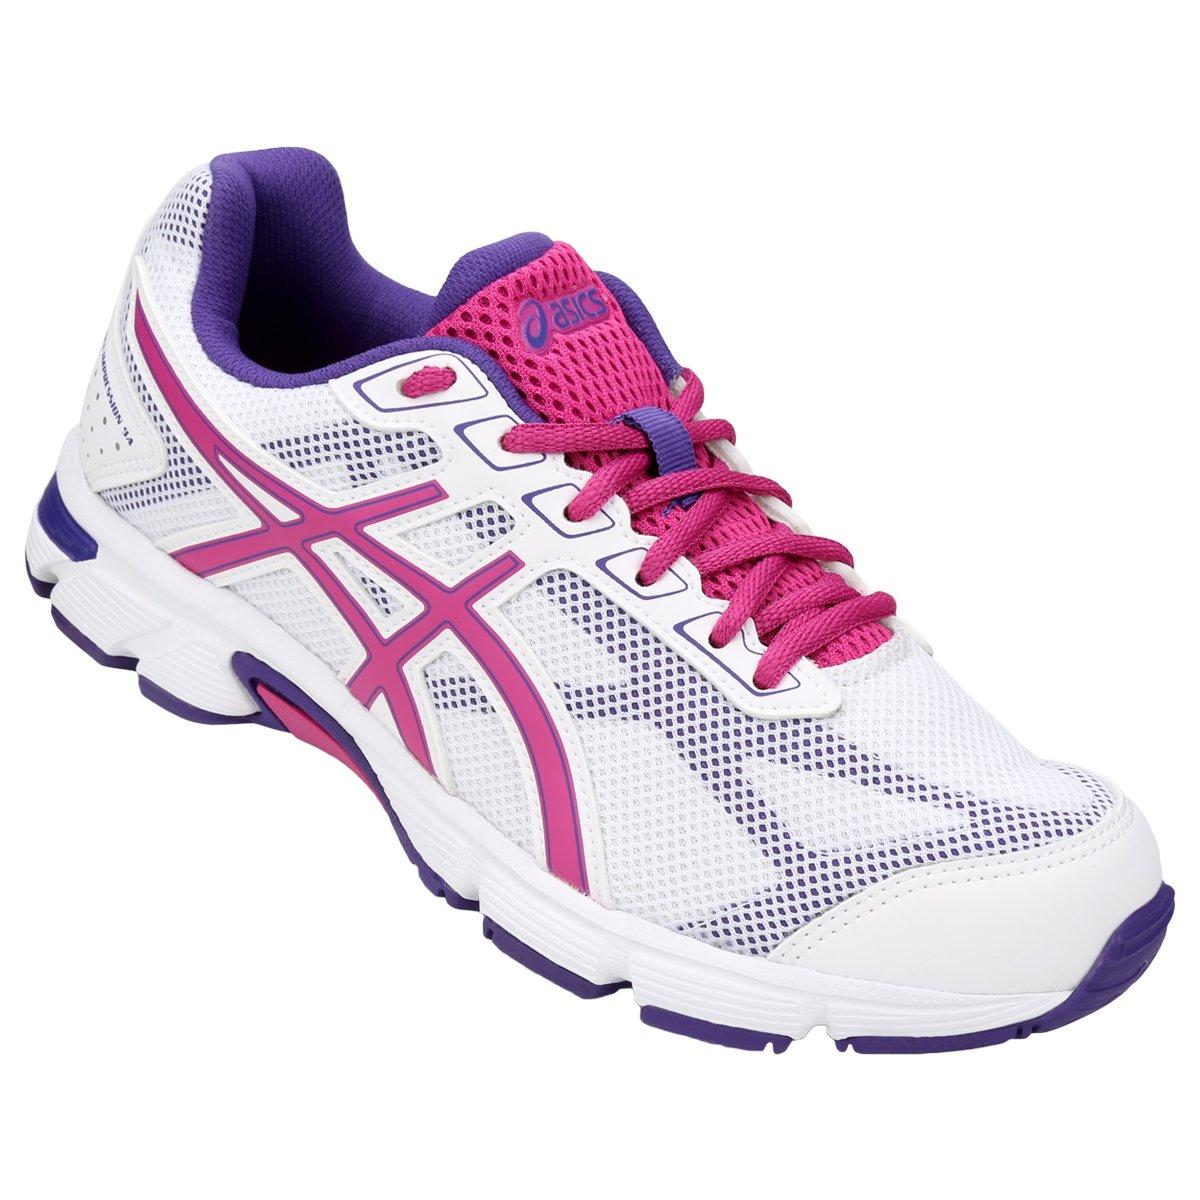 c04dd97988369 Tênis Asics Gel Impression 9 Feminino - Branco e Pink - Compre Agora ...